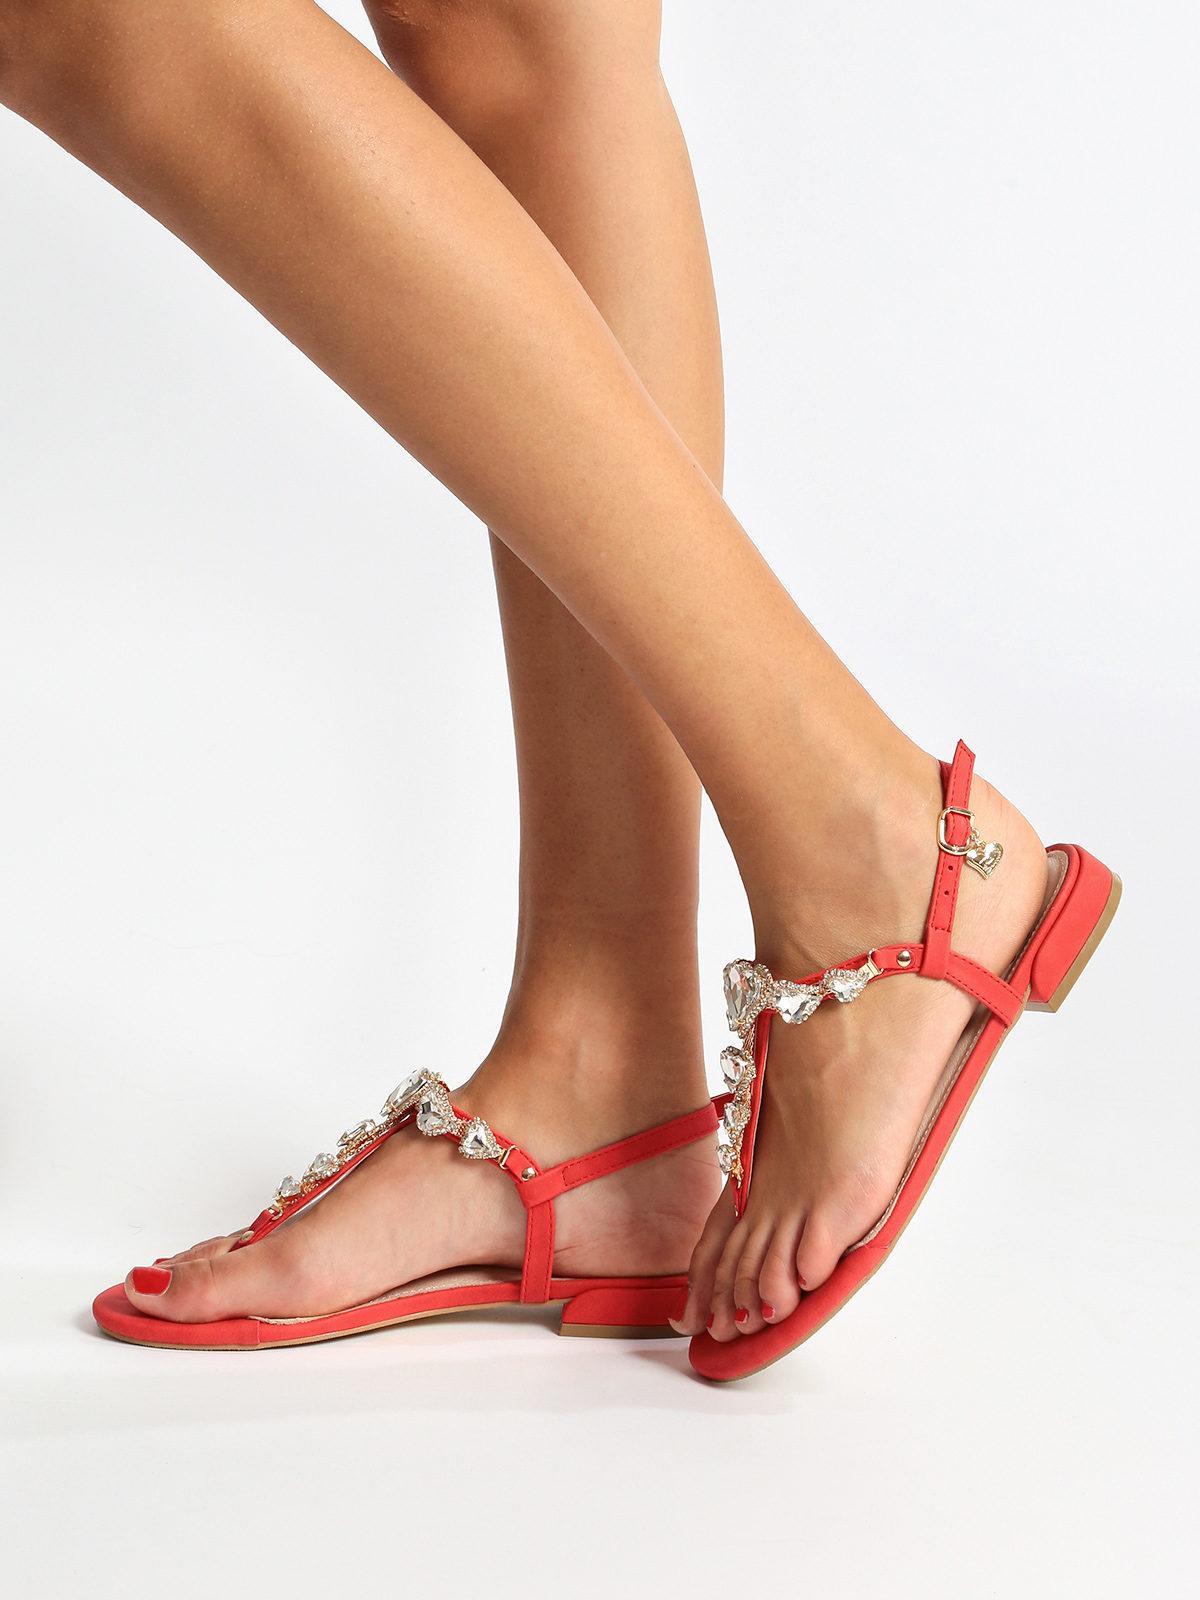 7353f12b53 Sandali gioiello rossi con strass braccialini | MecShopping